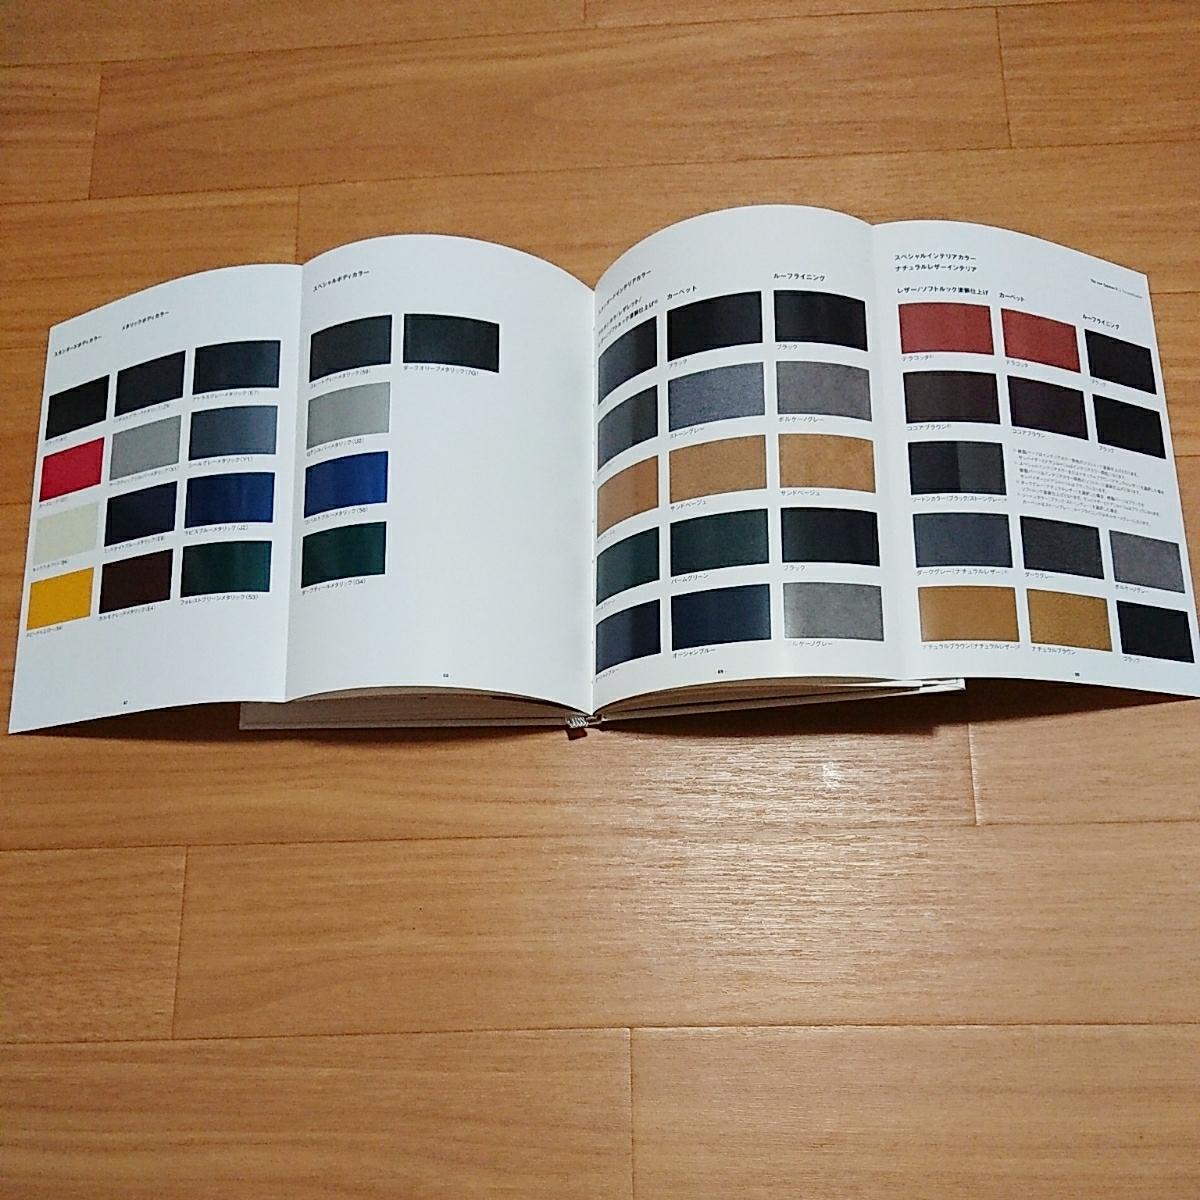 ポルシェケイマンS カタログ2冊セット 2005年 日本語版_画像7